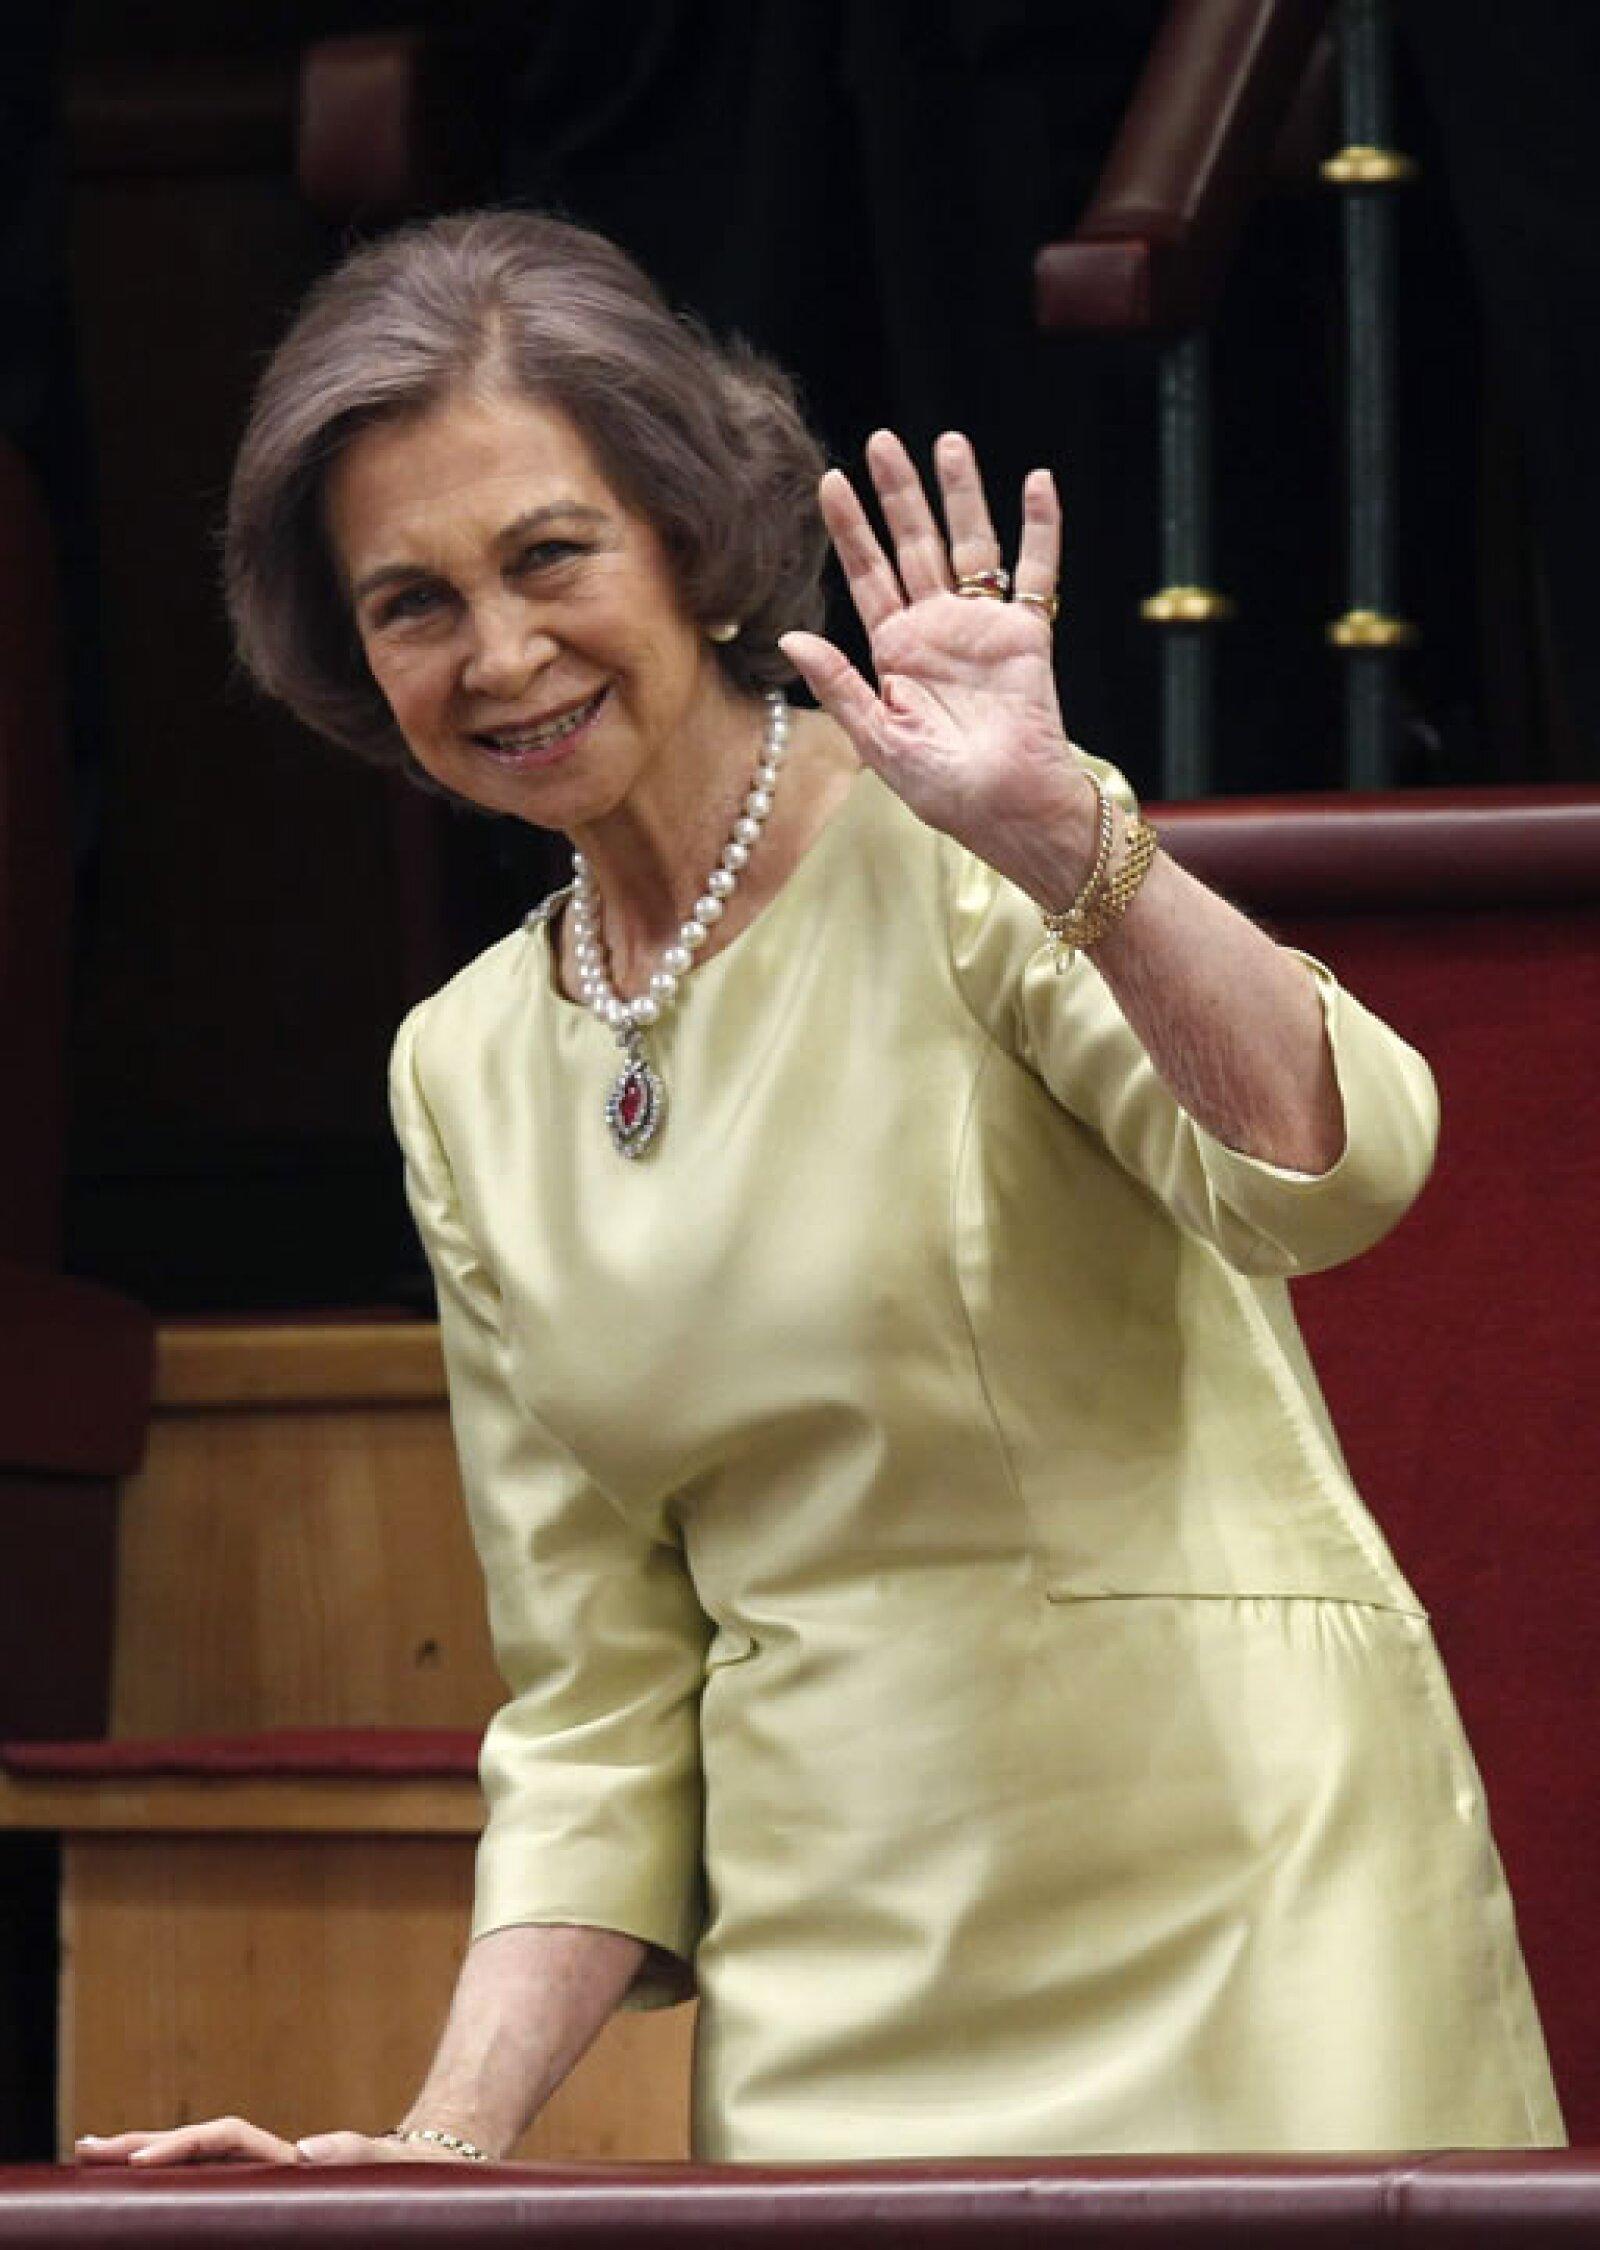 Doña Sofía recibió una imposrtante ovación después de que su hijo alabó su `impecable labor´.